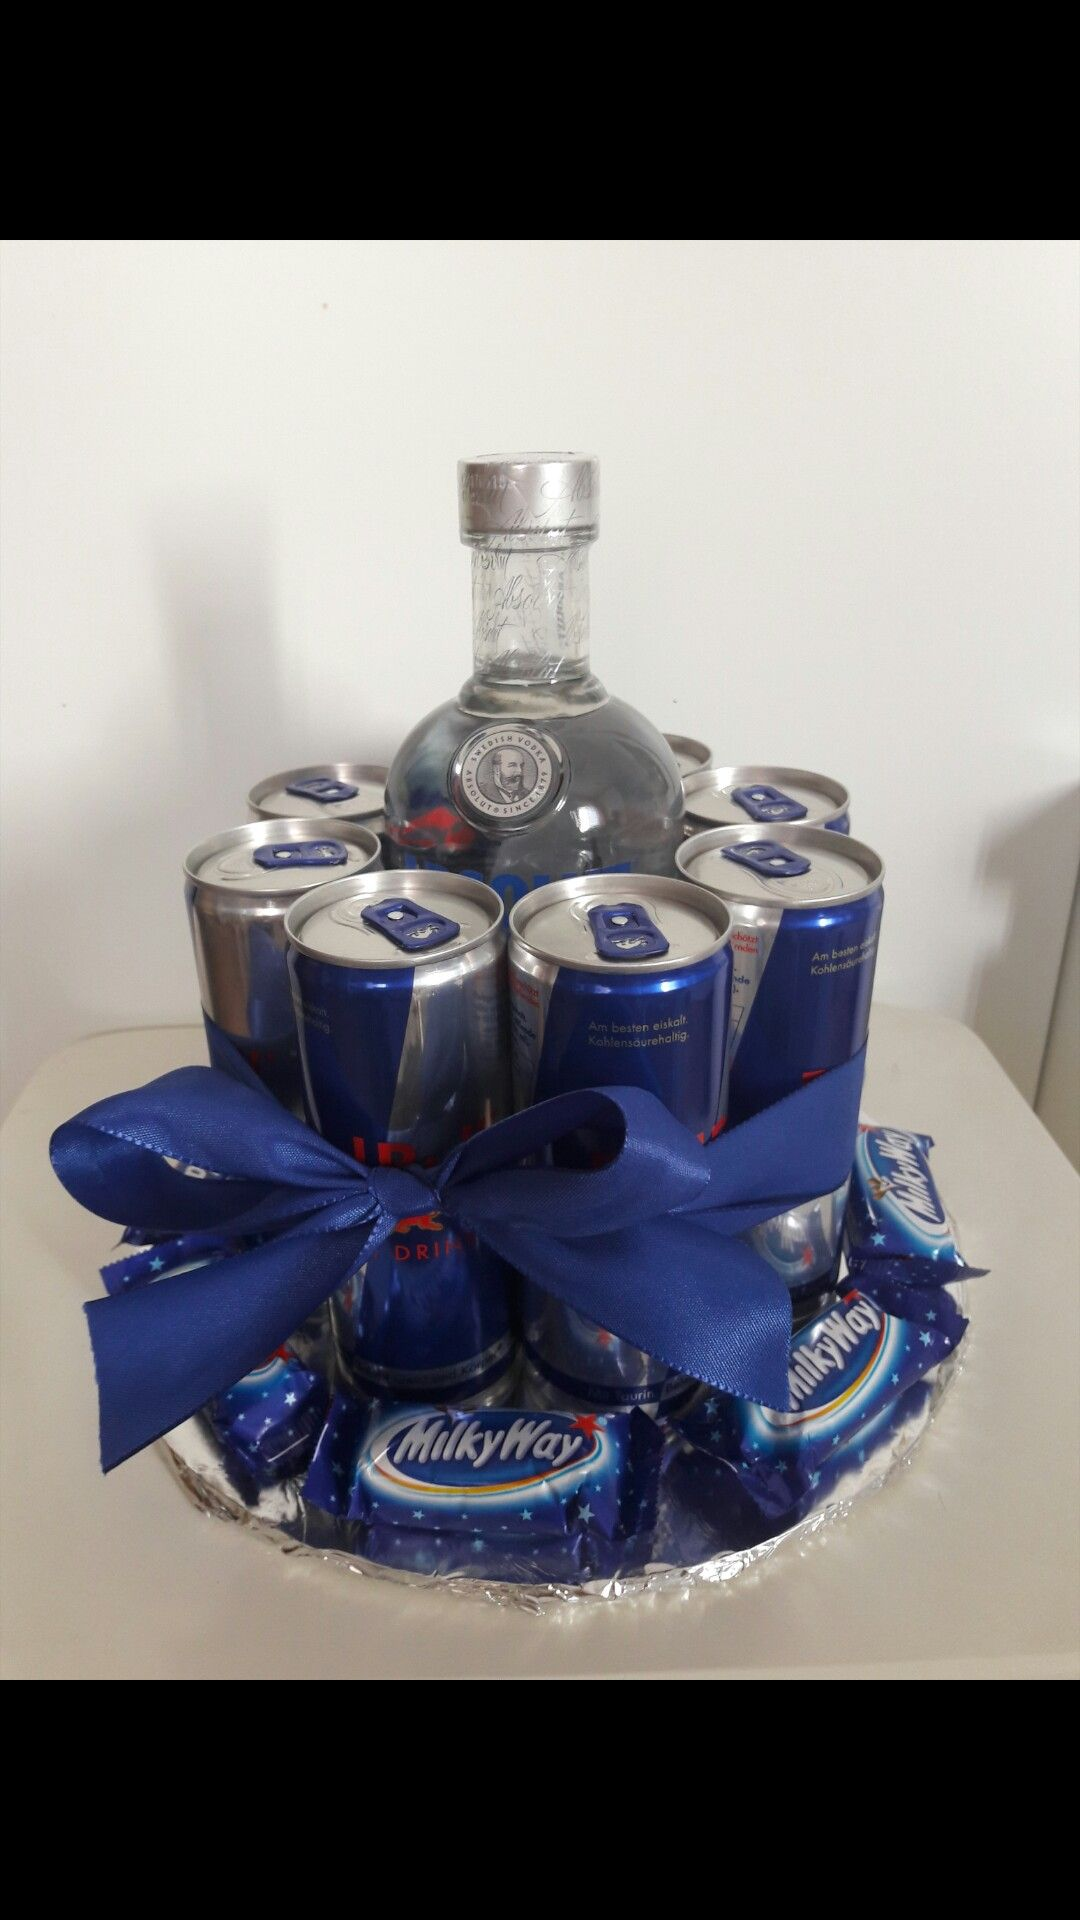 Geburtstagsgeschenk Vodka 8 Red Bull Dosen Alkohol Geschenke Selbstgemachte Geschenke Geburtstag Geburtstagsgeschenk Alkohol